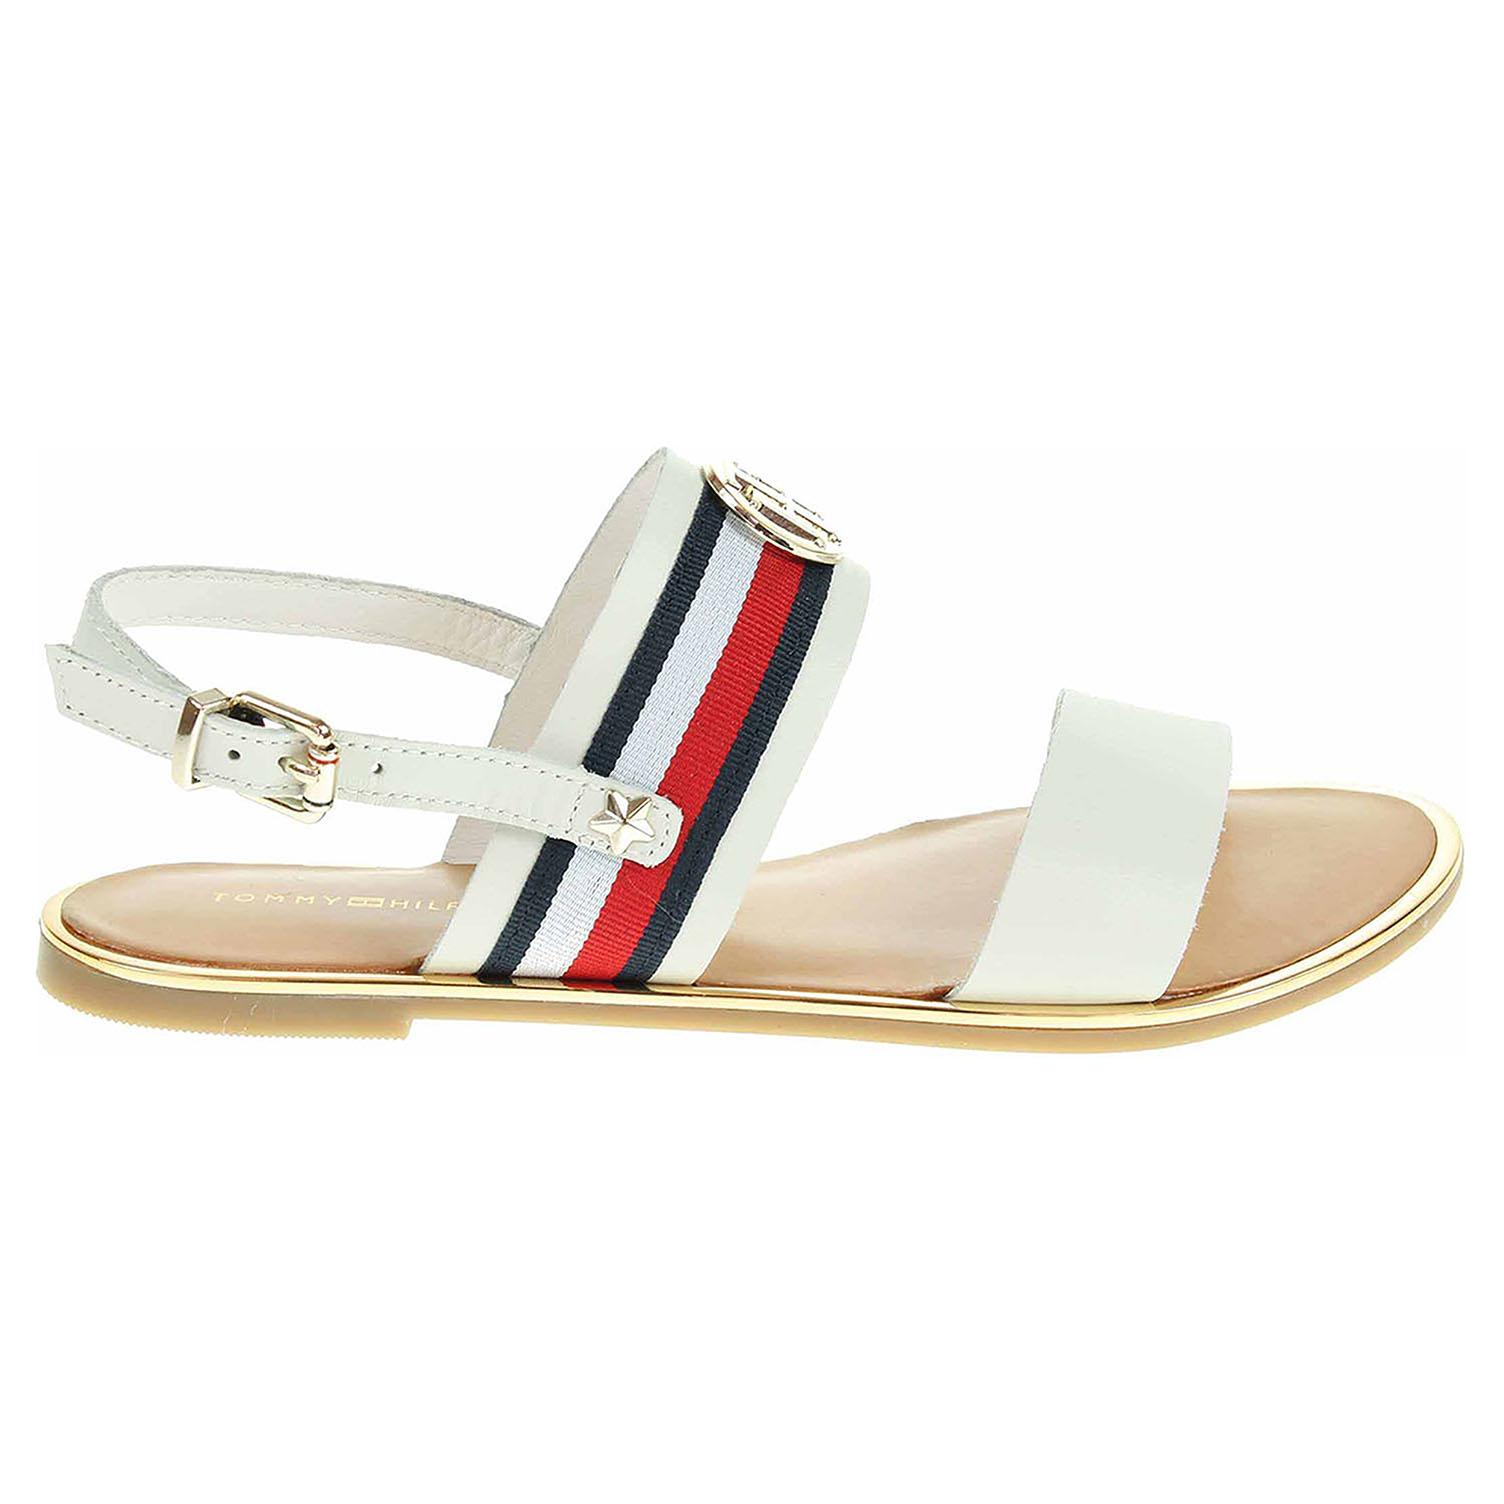 Ecco Tommy Hilfiger dámské sandály FW0FW02811 whisper white 23801331 5ff30c37a7